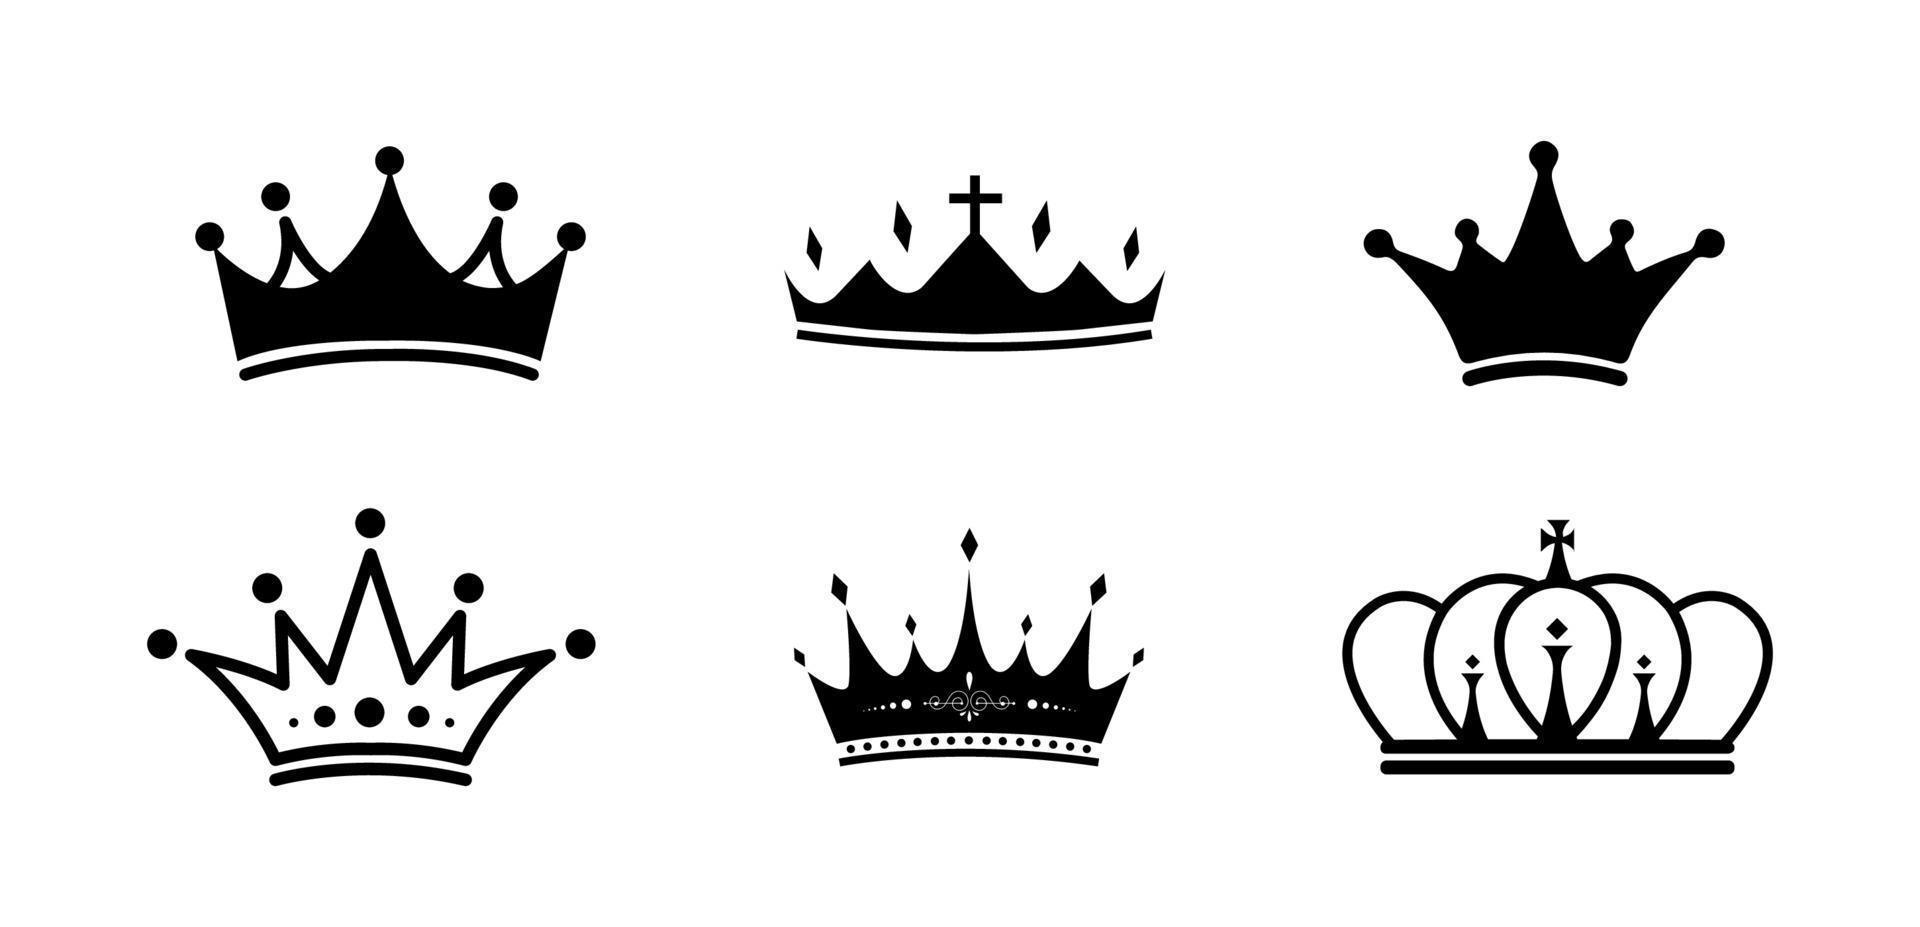 conjunto de ícones de coroa - ilustração vetorial. vetor